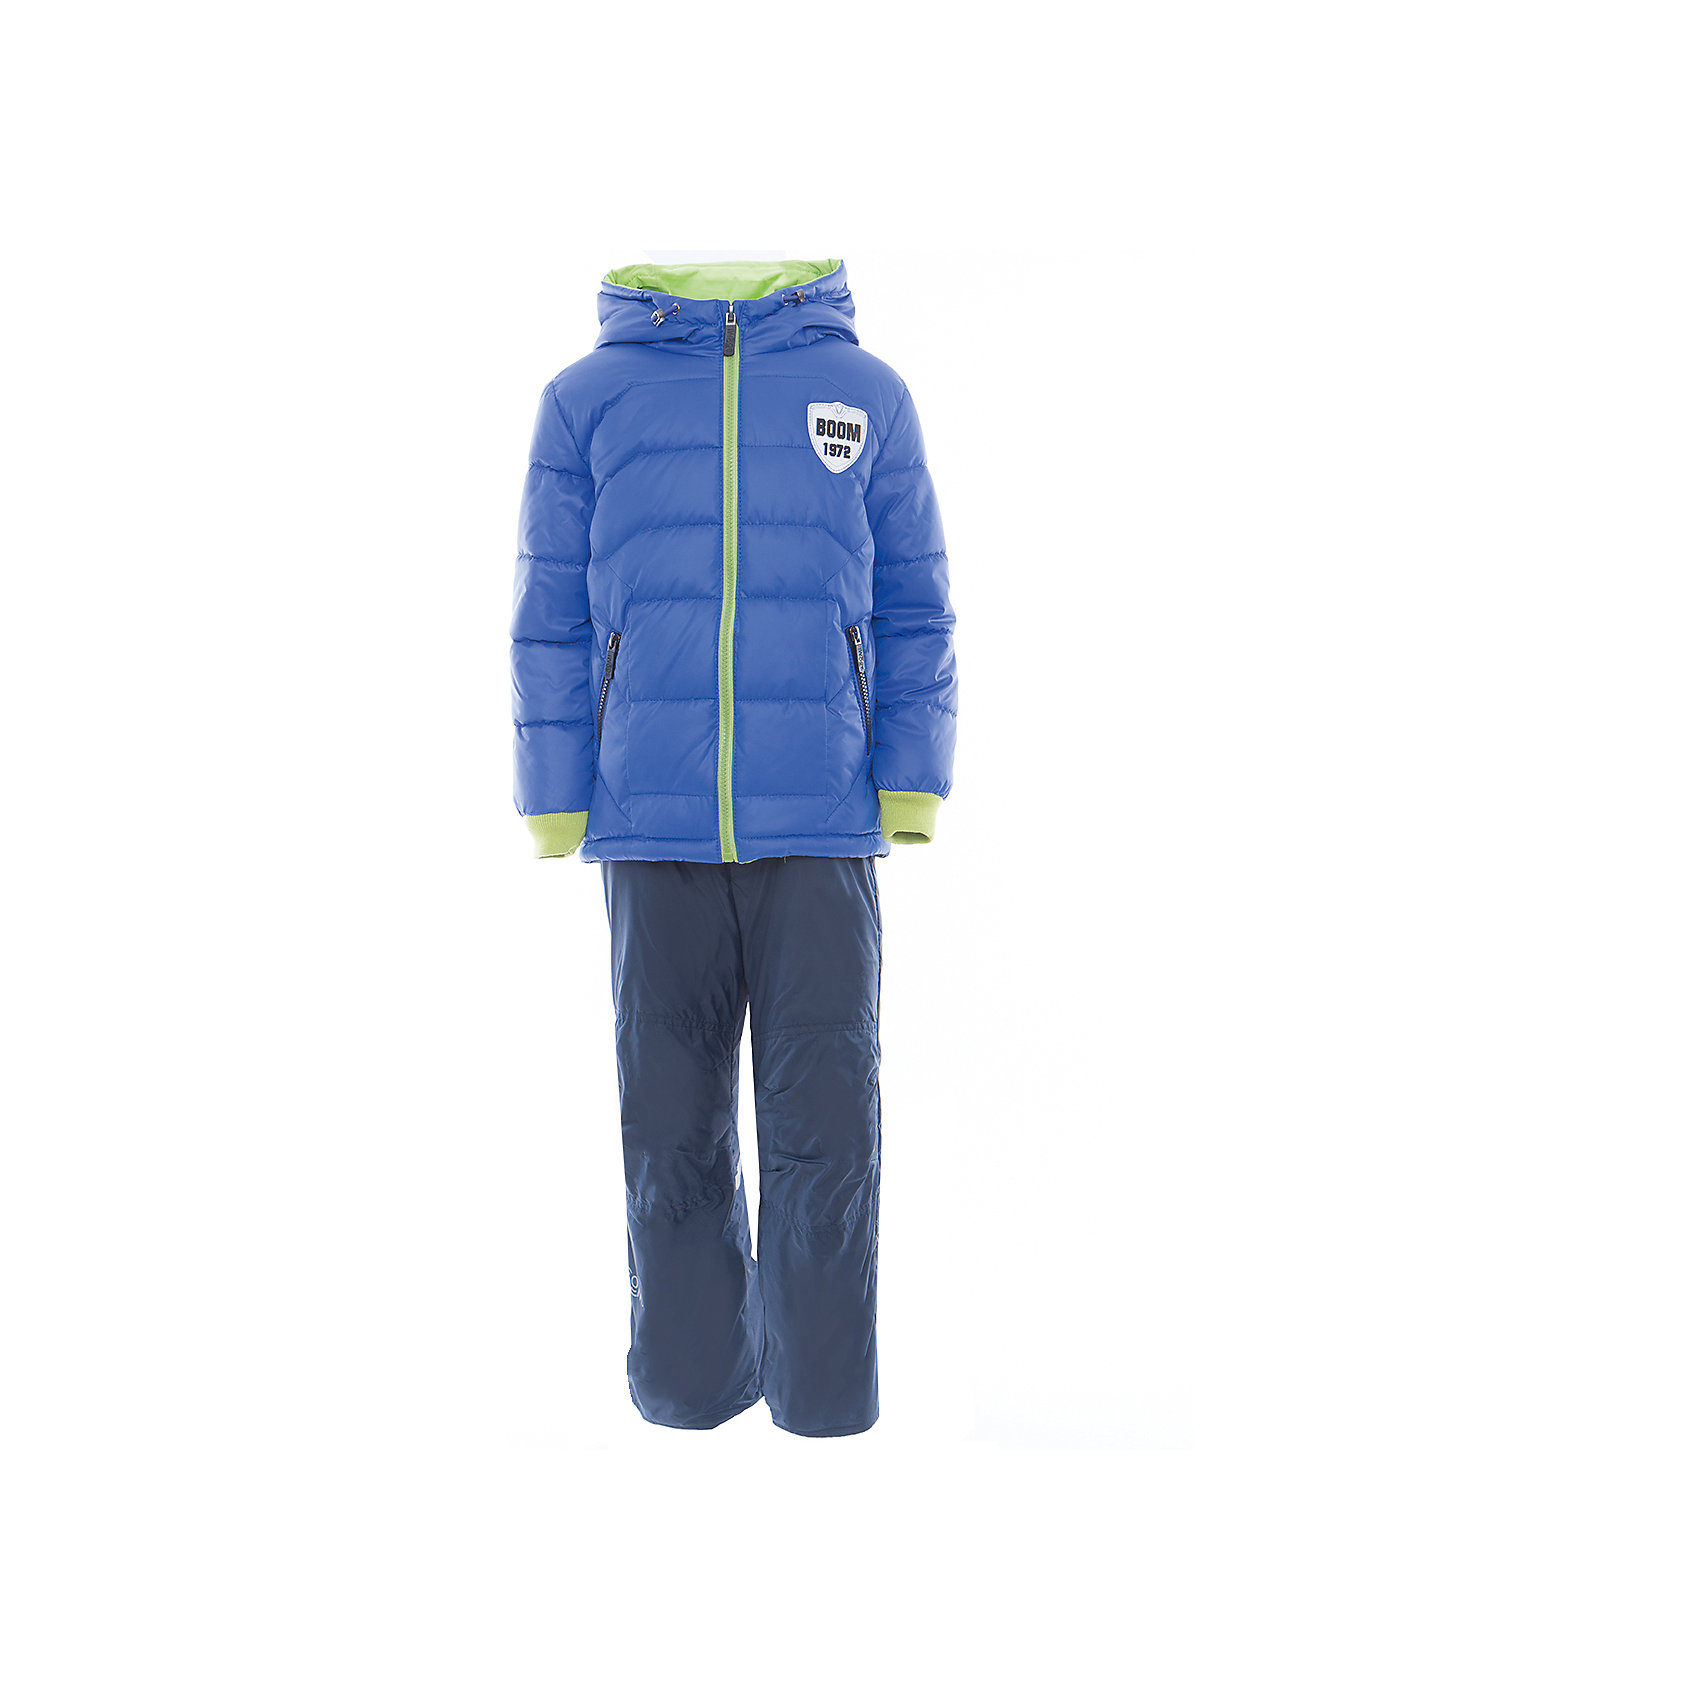 Комплект для мальчика BOOM by OrbyВерхняя одежда<br>Характеристики товара:<br><br>• цвет: синий<br>• состав: <br>курточка: верх - таффета, болонь, подкладка - поликоттон, полиэстер, утеплитель: Flexy Fiber 150 г/м2<br>брюки: подкладка - флис<br>• комплектация: куртка, брюки<br>• температурный режим: от -5 С° до +10 С° <br>• карманы<br>• застежка - молния<br>• куртка декорирована вышивкой<br>• эластичные манжеты<br>• комфортная посадка<br>• страна производства: Российская Федерация<br>• страна бренда: Российская Федерация<br>• коллекция: весна-лето 2017<br><br>Такой комплект - универсальный вариант для межсезонья с постоянно меняющейся погодой. Эта модель - модная и удобная одновременно! Изделие отличается стильным ярким дизайном. Куртка и брюки хорошо сидят по фигуре, отлично сочетается с различной обувью. Модель была разработана специально для детей.<br><br>Одежда от российского бренда BOOM by Orby уже завоевала популярностью у многих детей и их родителей. Вещи, выпускаемые компанией, качественные, продуманные и очень удобные. Для производства коллекций используются только безопасные для детей материалы. Спешите приобрести модели из новой коллекции Весна-лето 2017! <br><br>Комплект для мальчика от бренда BOOM by Orby можно купить в нашем интернет-магазине.<br><br>Ширина мм: 356<br>Глубина мм: 10<br>Высота мм: 245<br>Вес г: 519<br>Цвет: синий<br>Возраст от месяцев: 60<br>Возраст до месяцев: 72<br>Пол: Мужской<br>Возраст: Детский<br>Размер: 116,122,104,86,92,98,110<br>SKU: 5343390